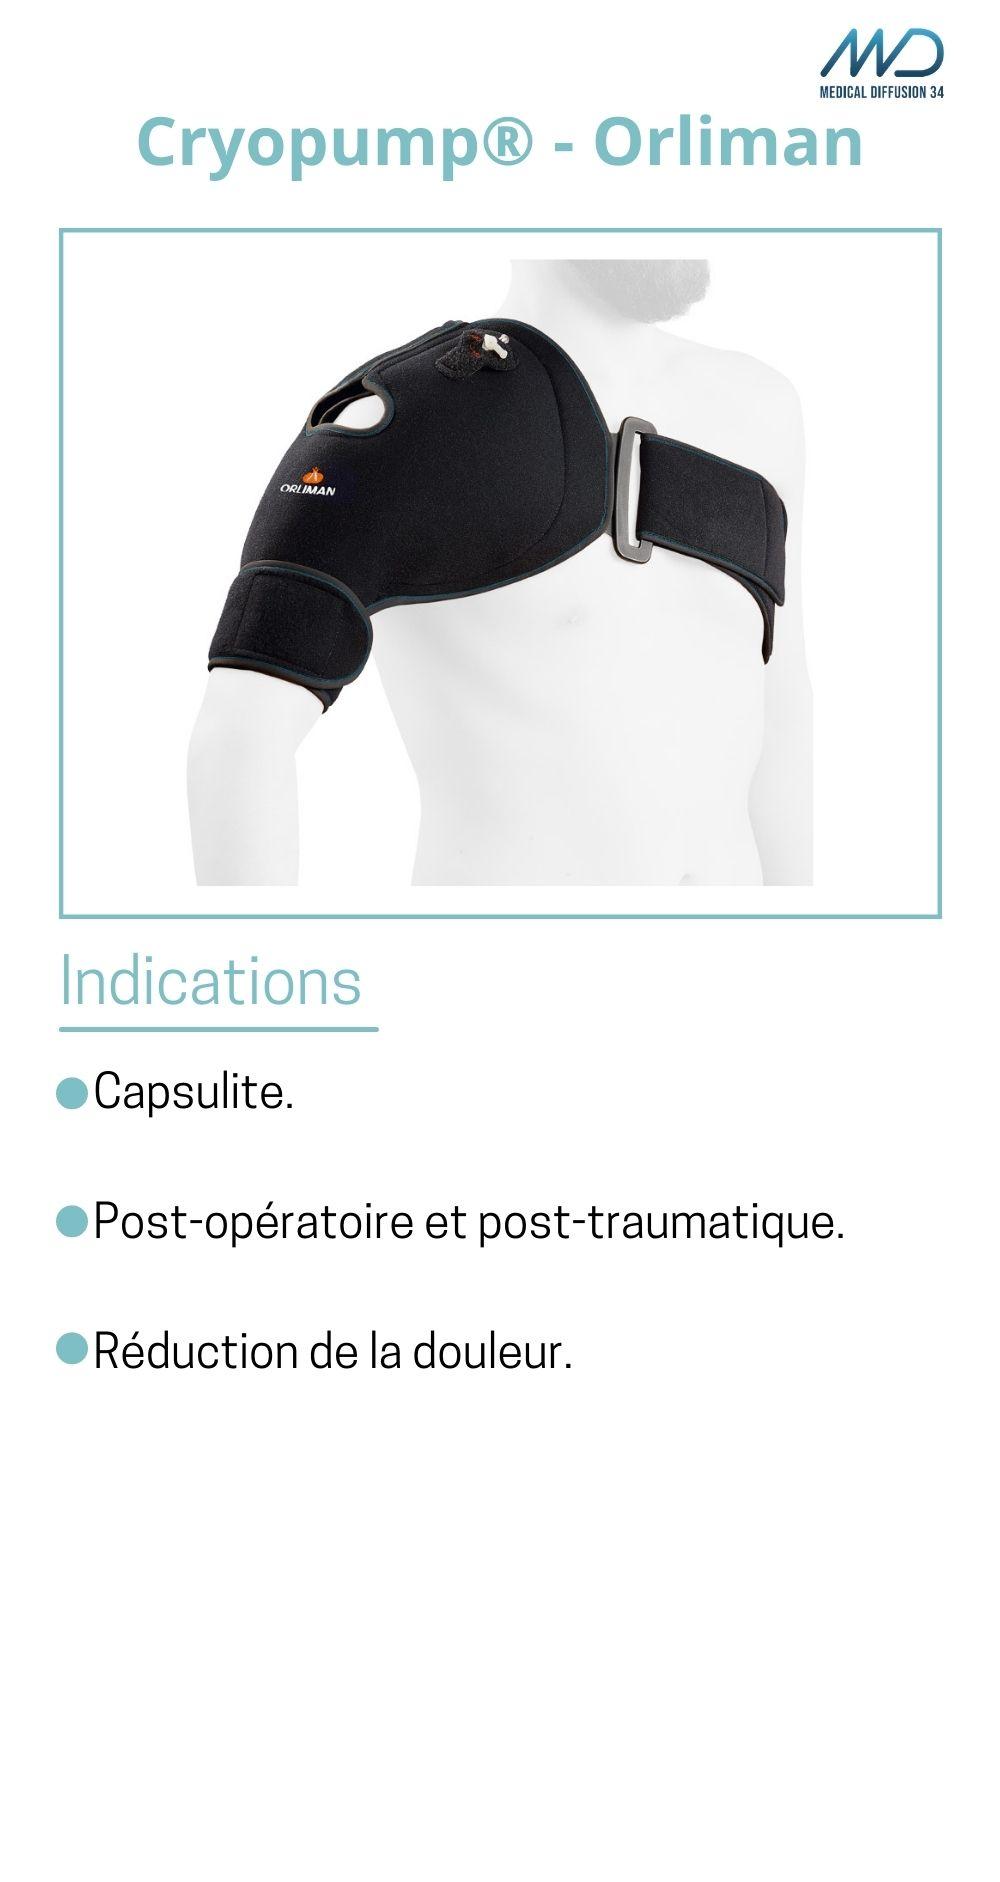 Cryopump - Orliman - Cryothérapie d'épaule - espace md santé